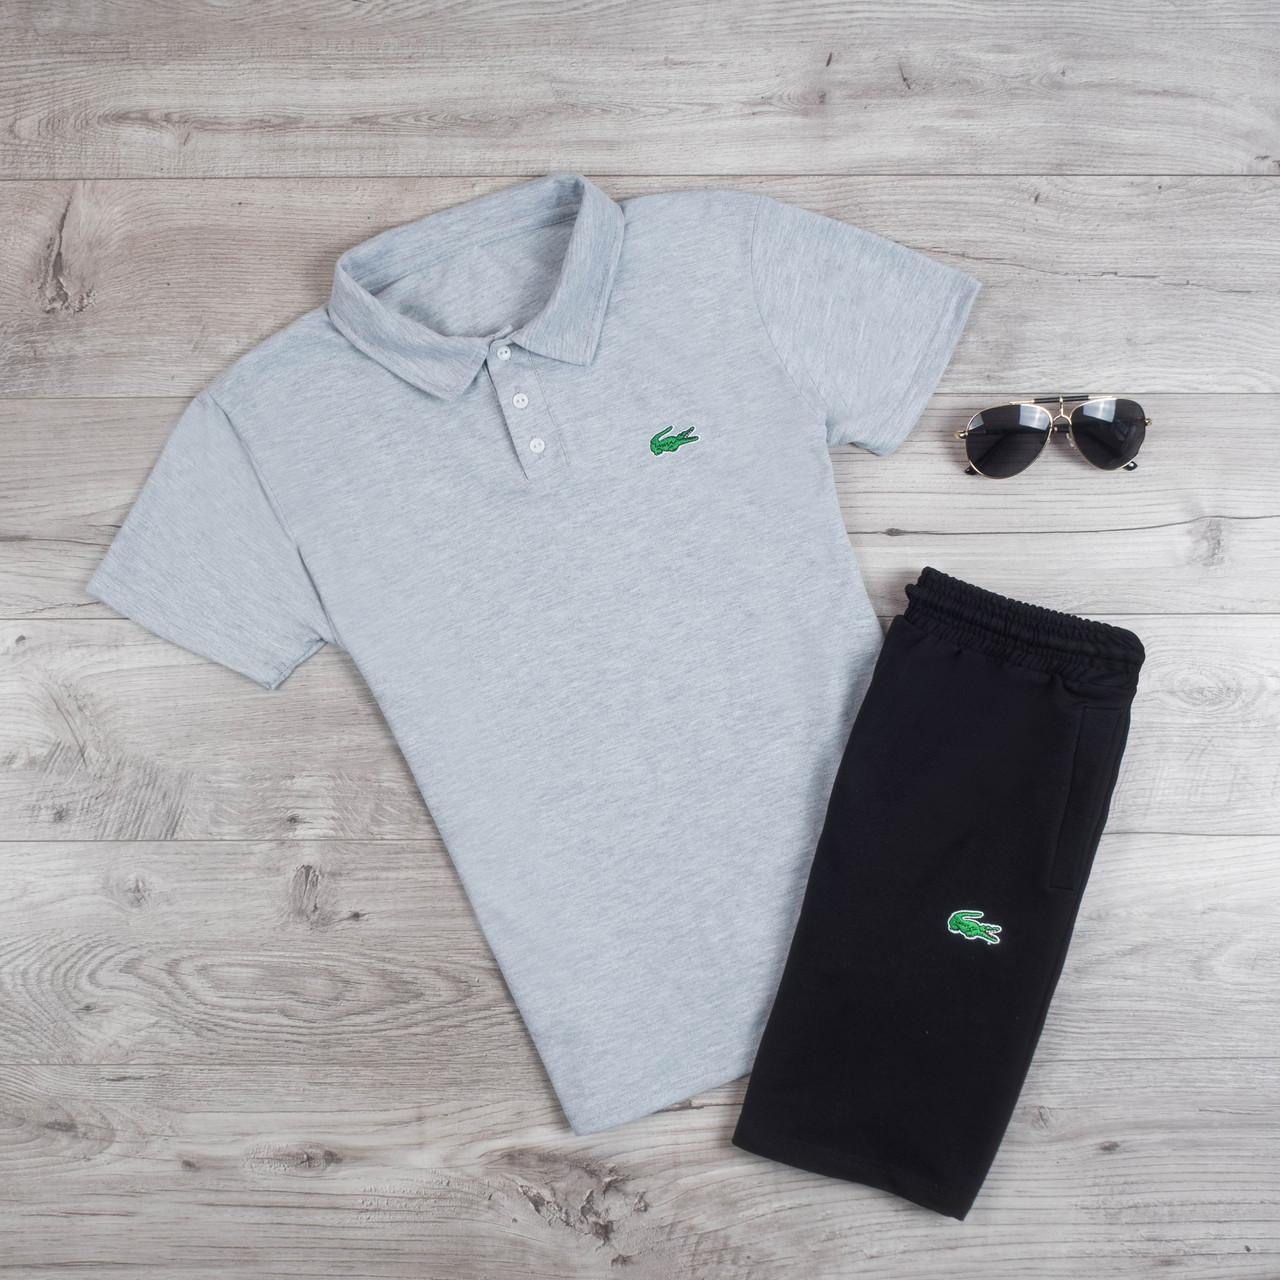 Модная летняя футболка поло лого Lacoste светло-серая (реплика)